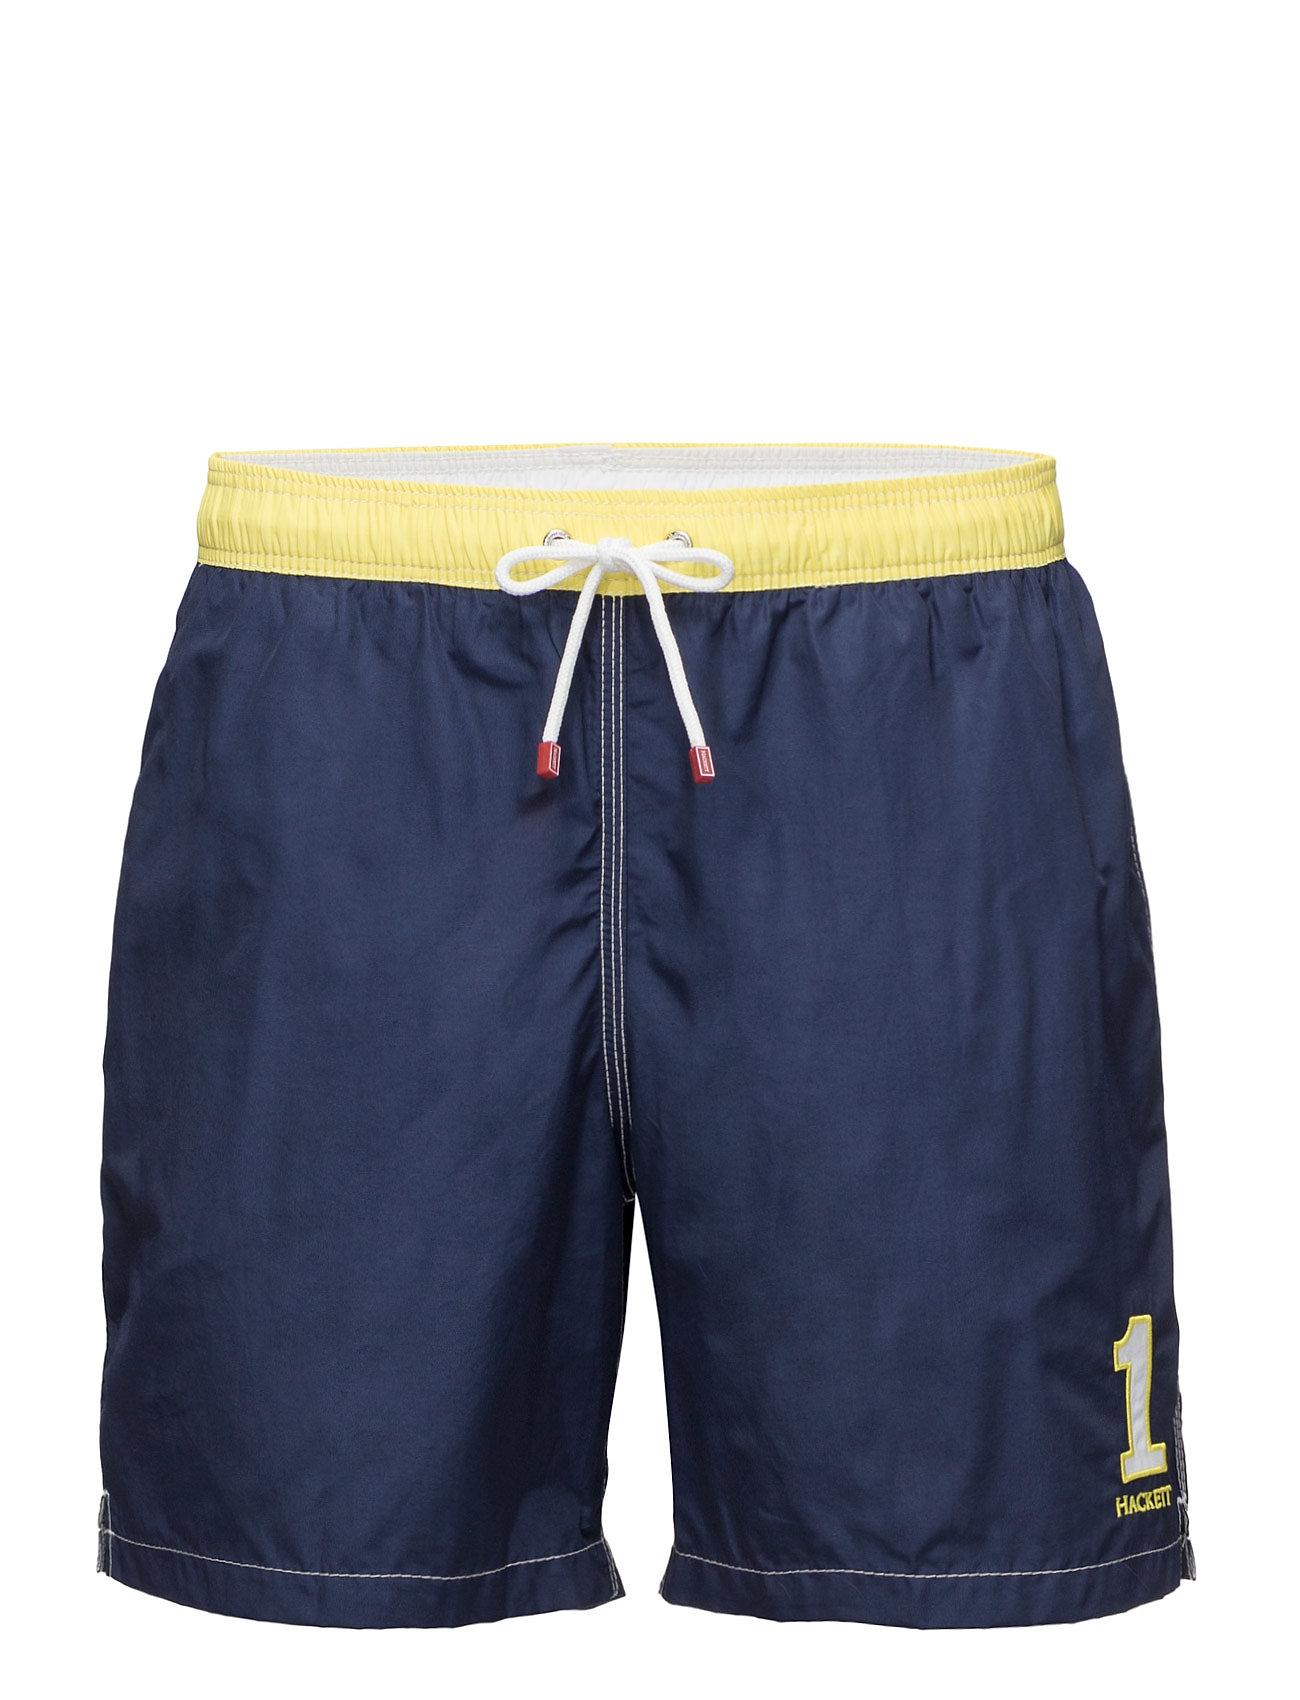 Number 1 Volley Hackett Shorts til Herrer i Navy blå